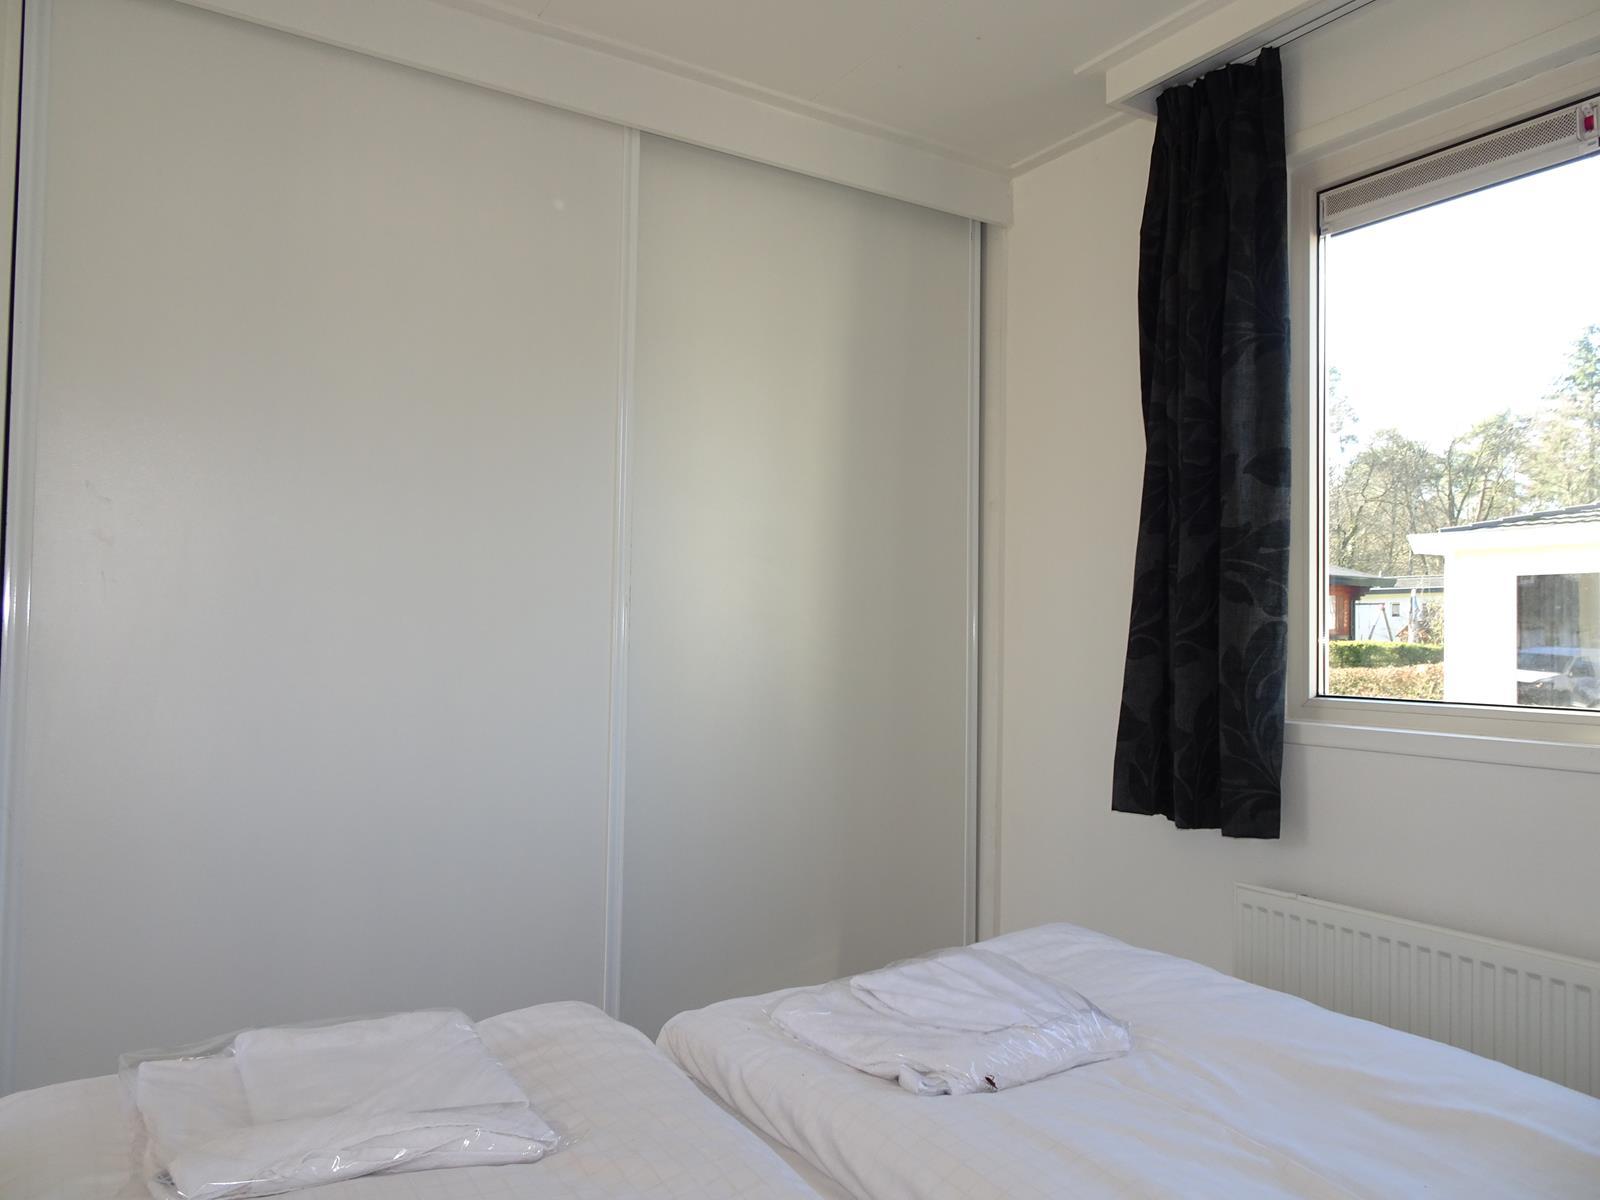 Vakantiehuis te koop Gelderland Arnhem A8 (11).jpg